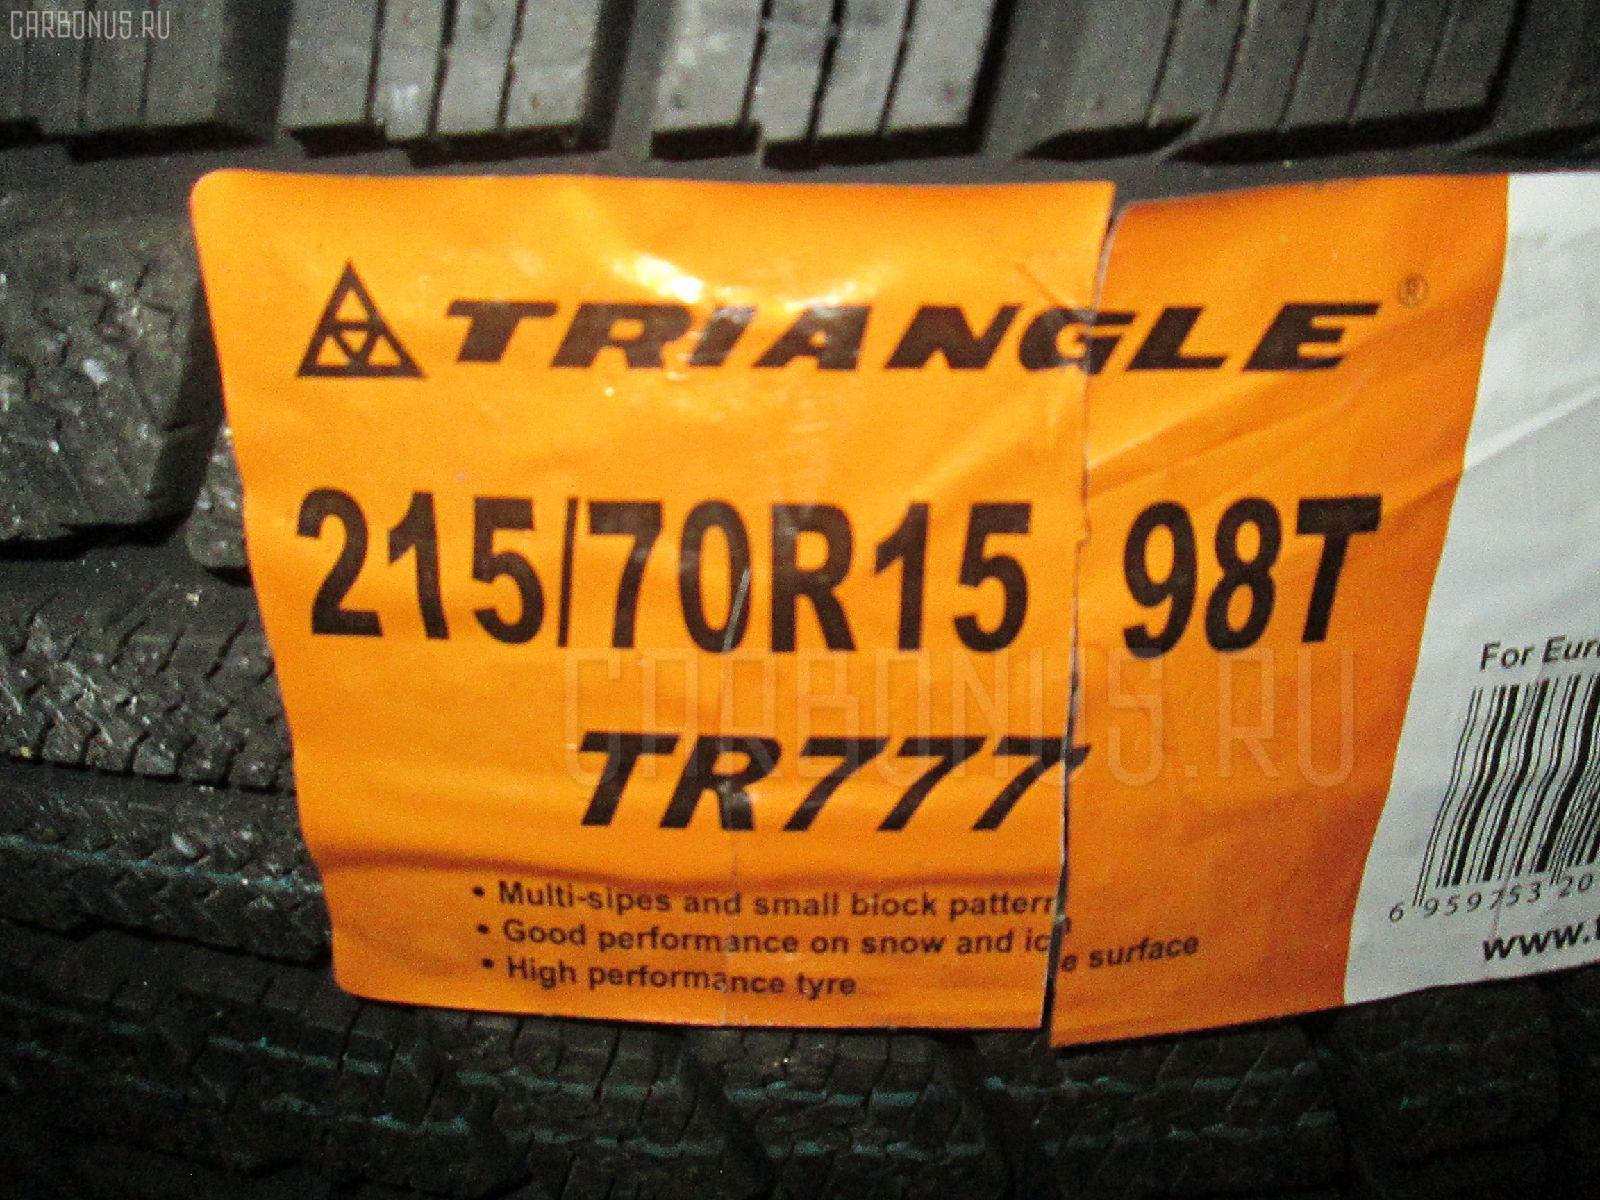 Автошина легковая зимняя TR777 215/70R15 TRIANGLE Фото 1